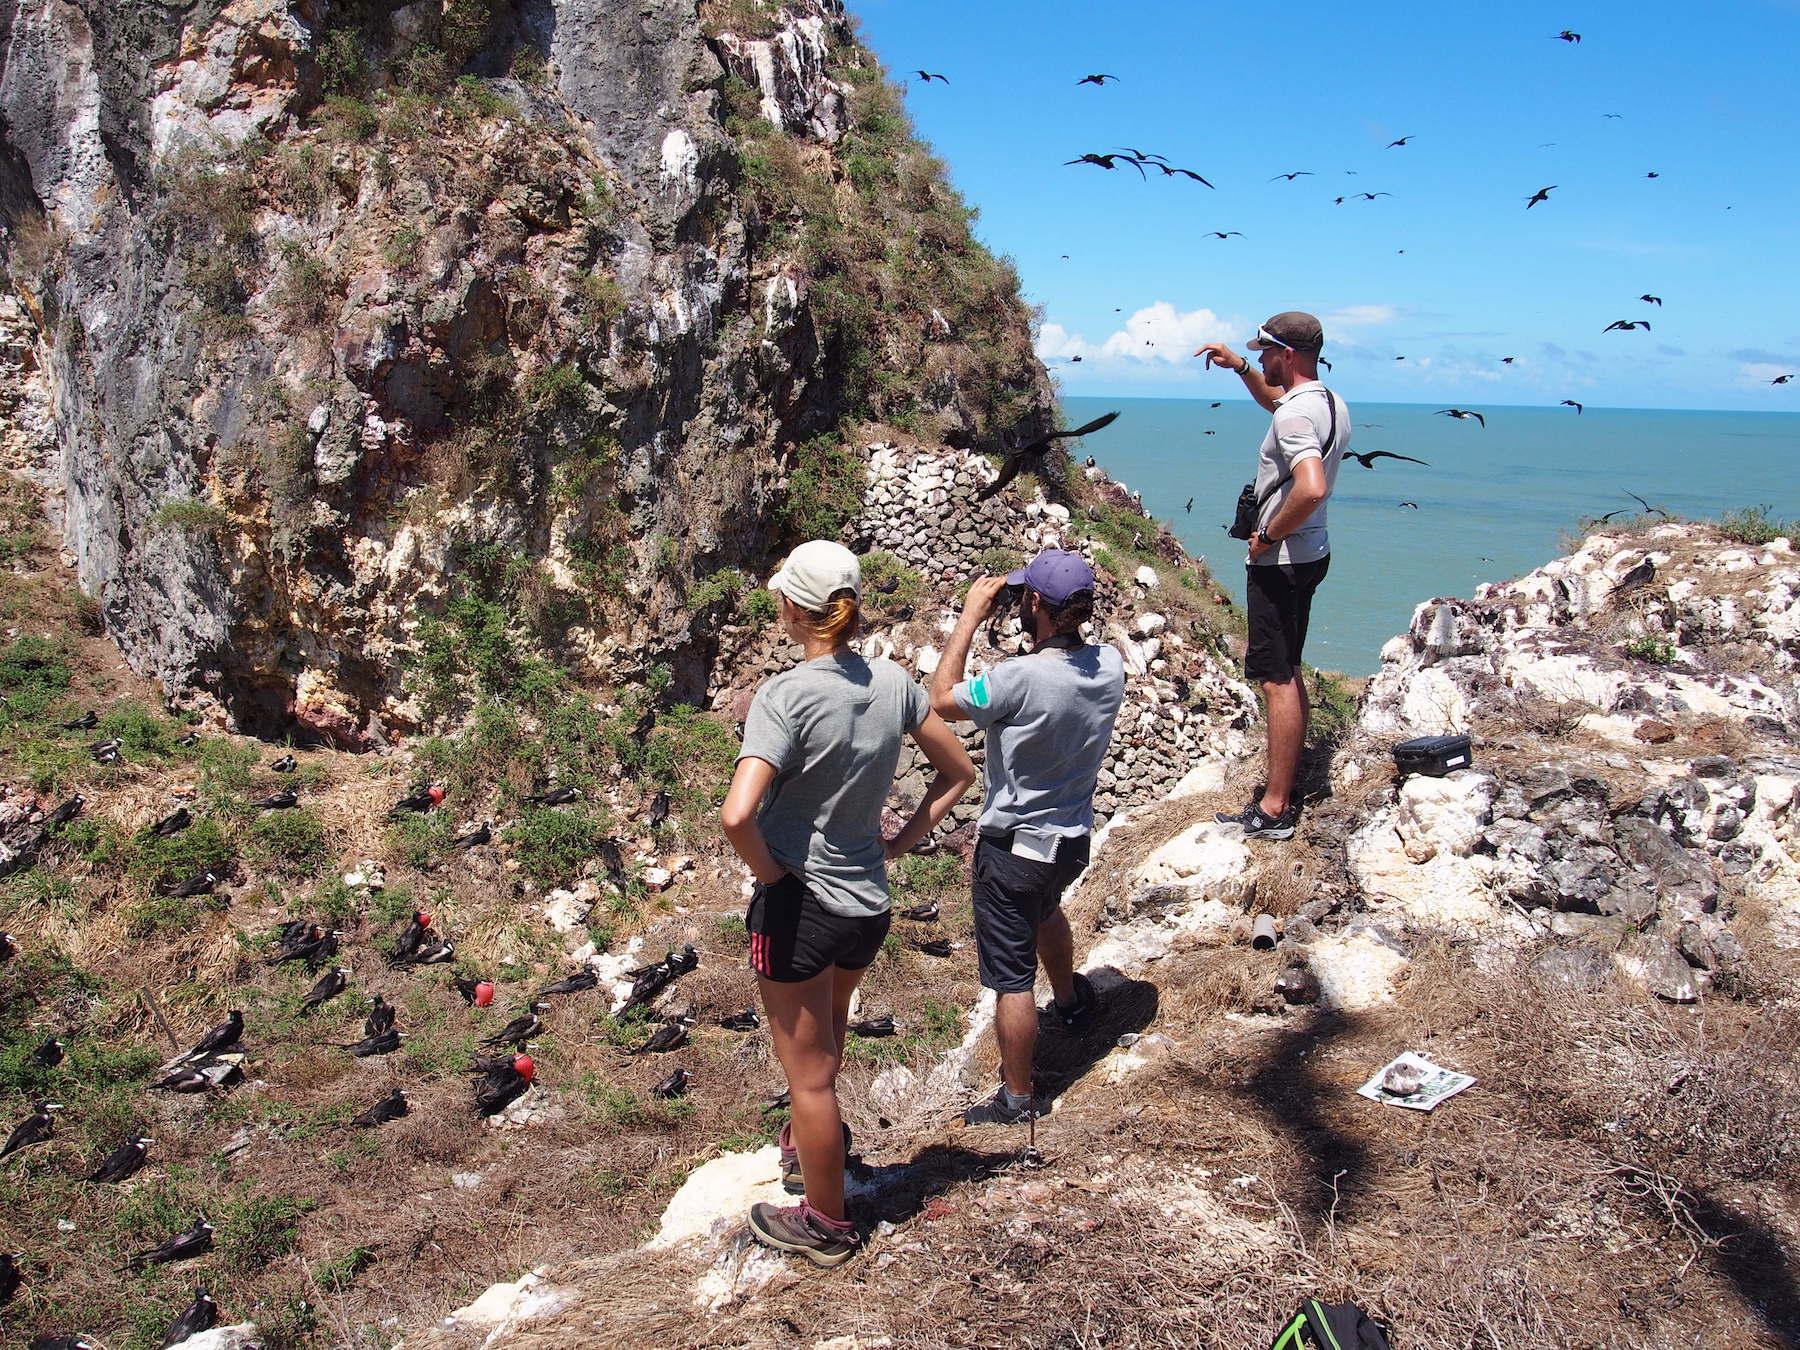 3 personnes observent des oiseaux volant au bord de la mer pour les compter